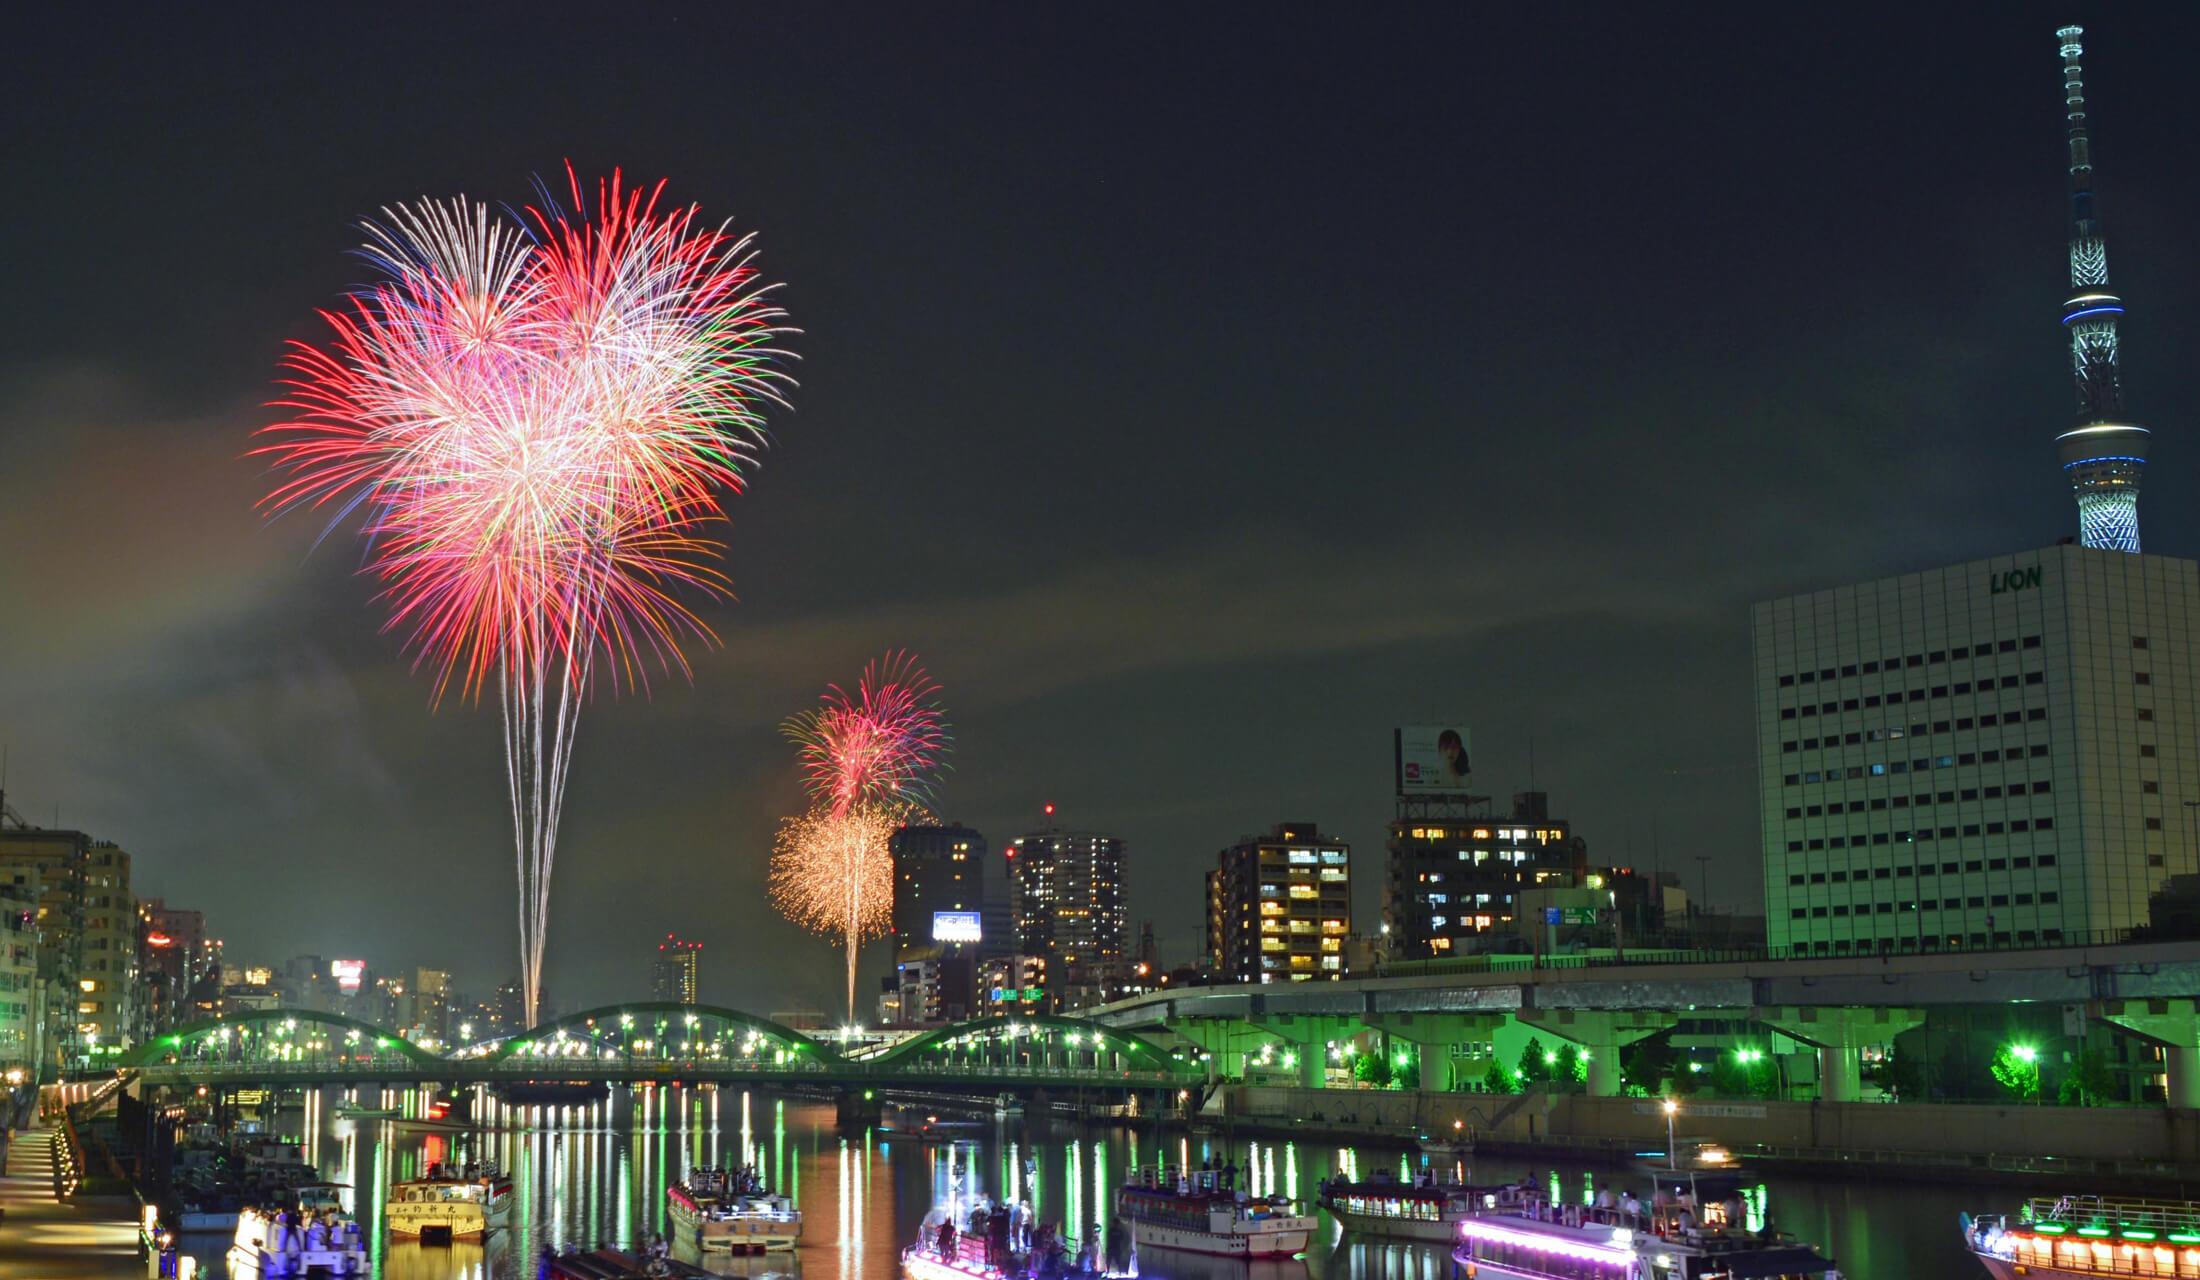 隅田川の2箇所から上がる花火とスカイツリー